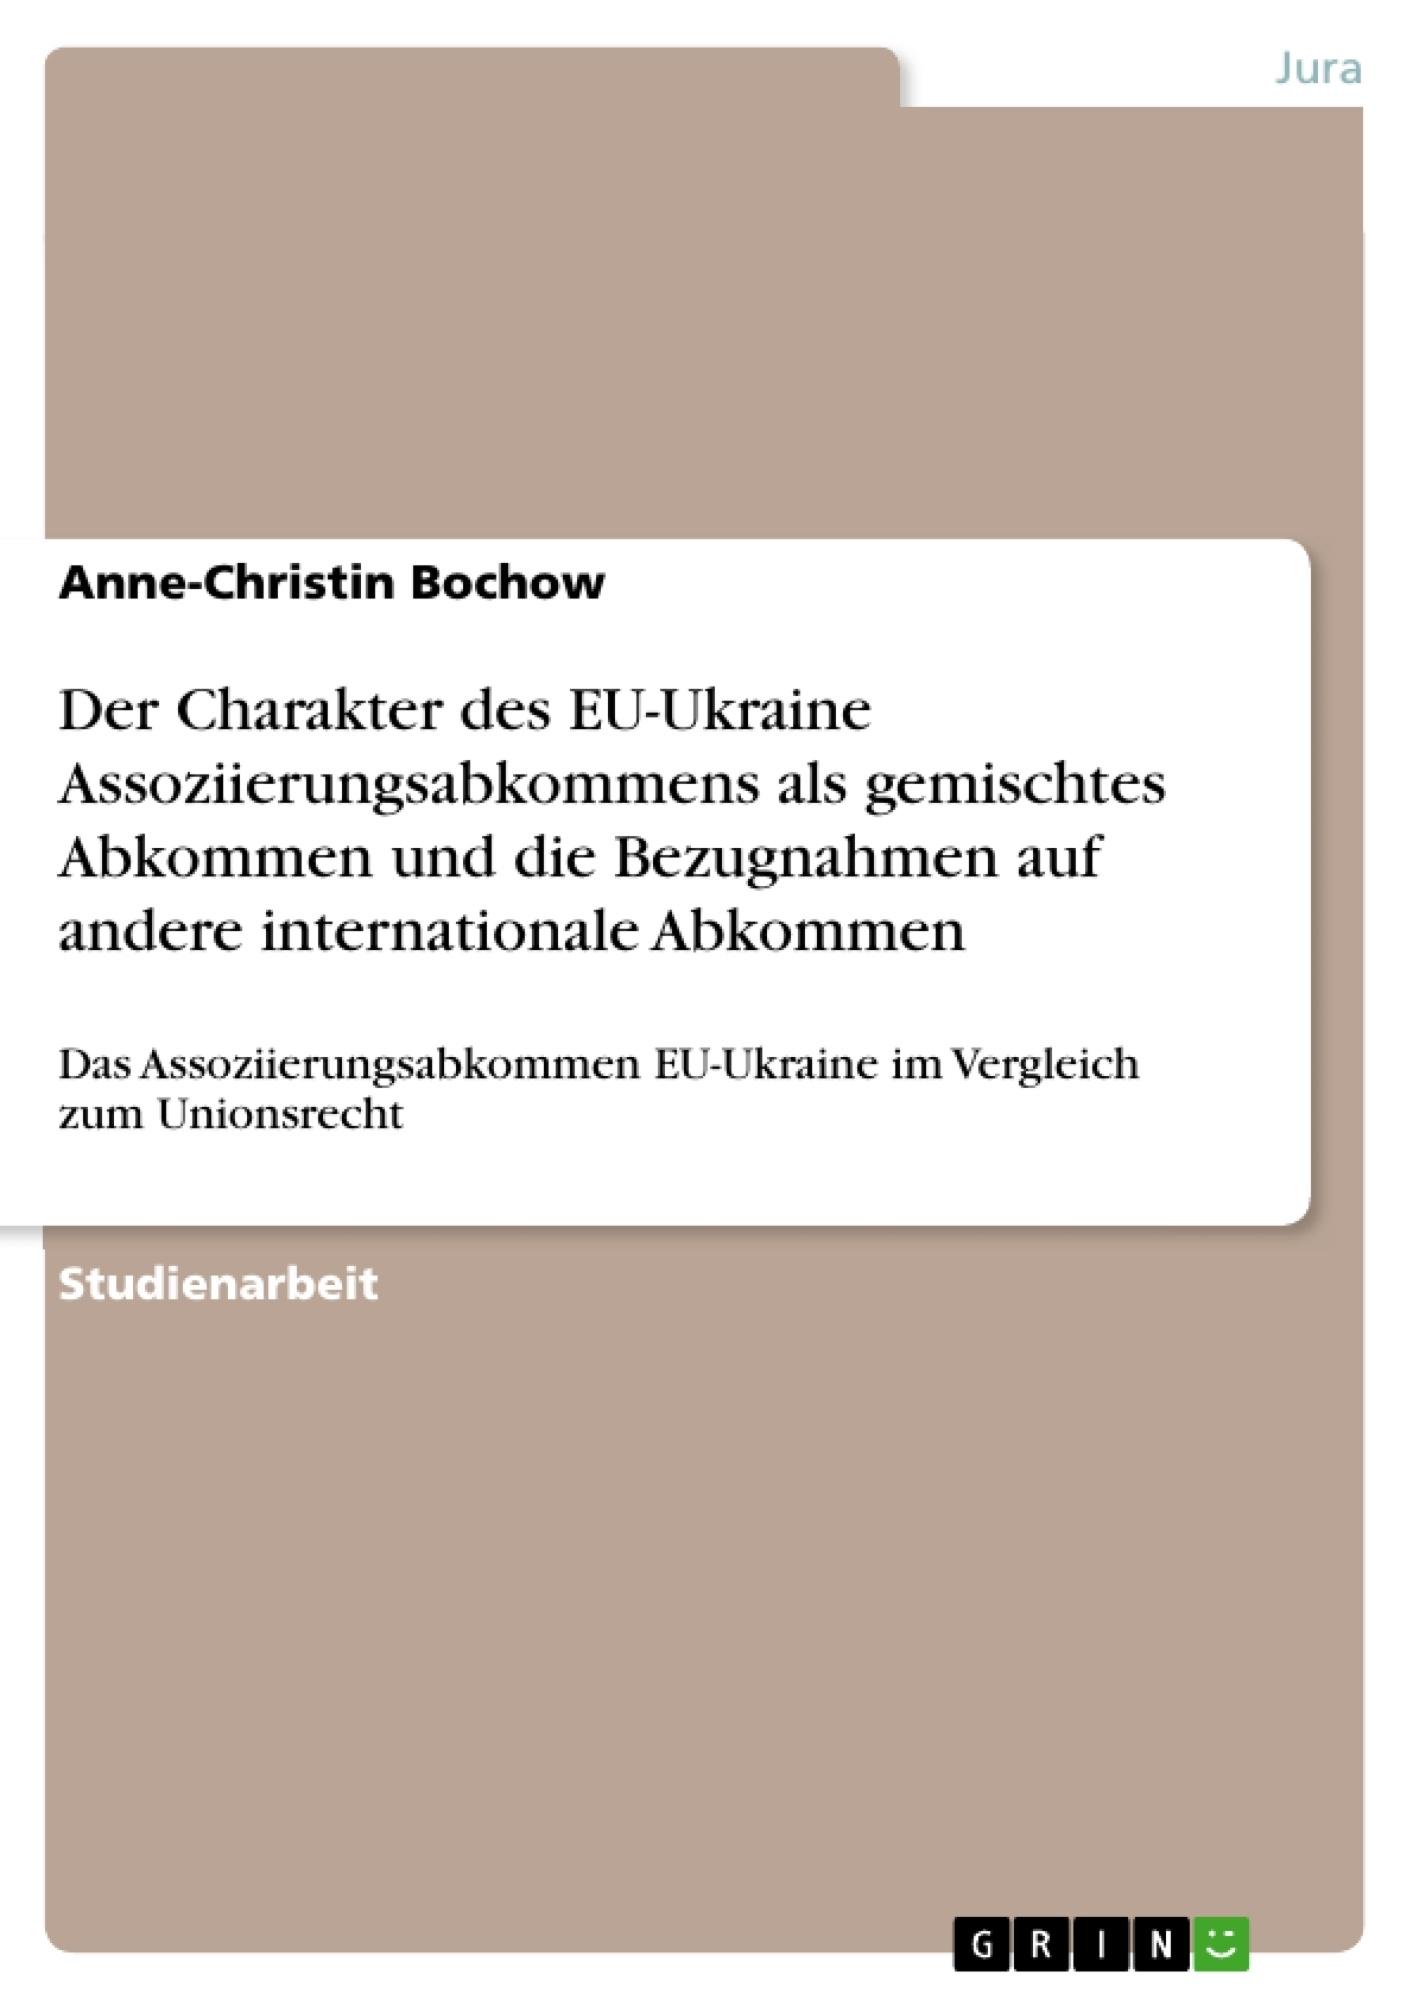 Titel: Der Charakter des EU-Ukraine Assoziierungsabkommens als gemischtes Abkommen und die Bezugnahmen auf andere internationale Abkommen